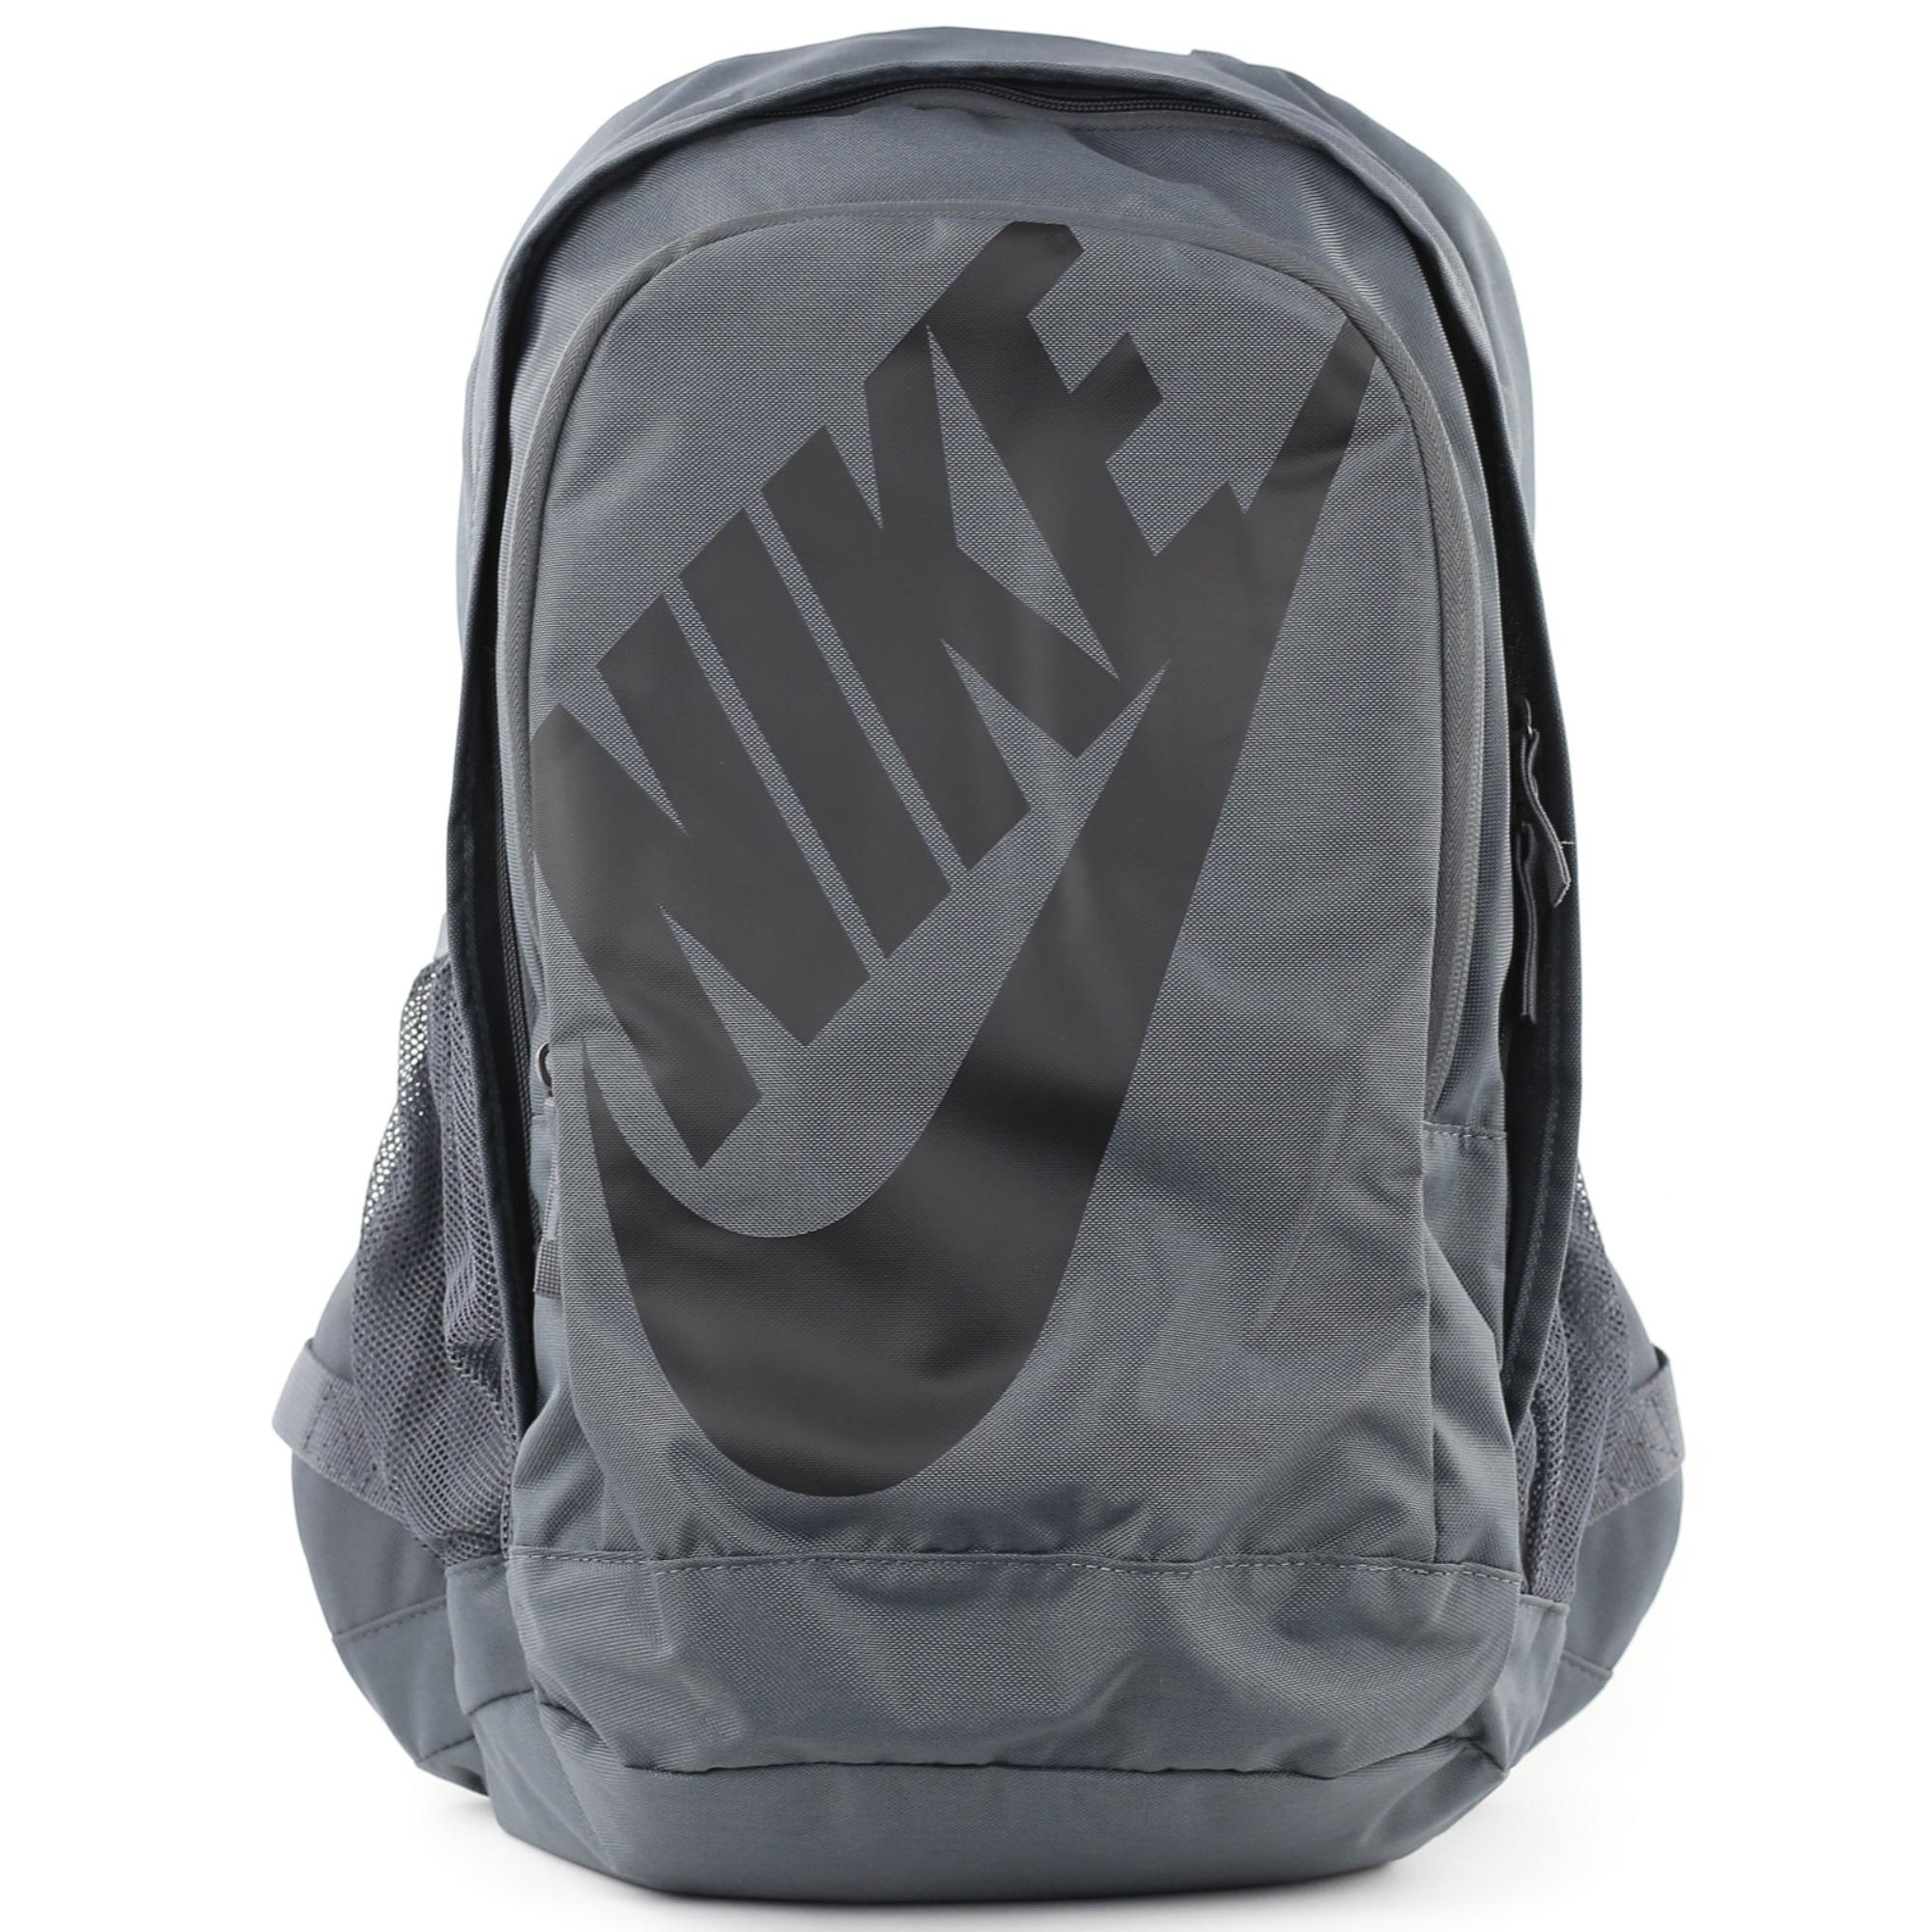 617f162fc2fef Plecak szkolny Nike Hayward Futura 2.0 BA5217-021 - 6912218728 ...